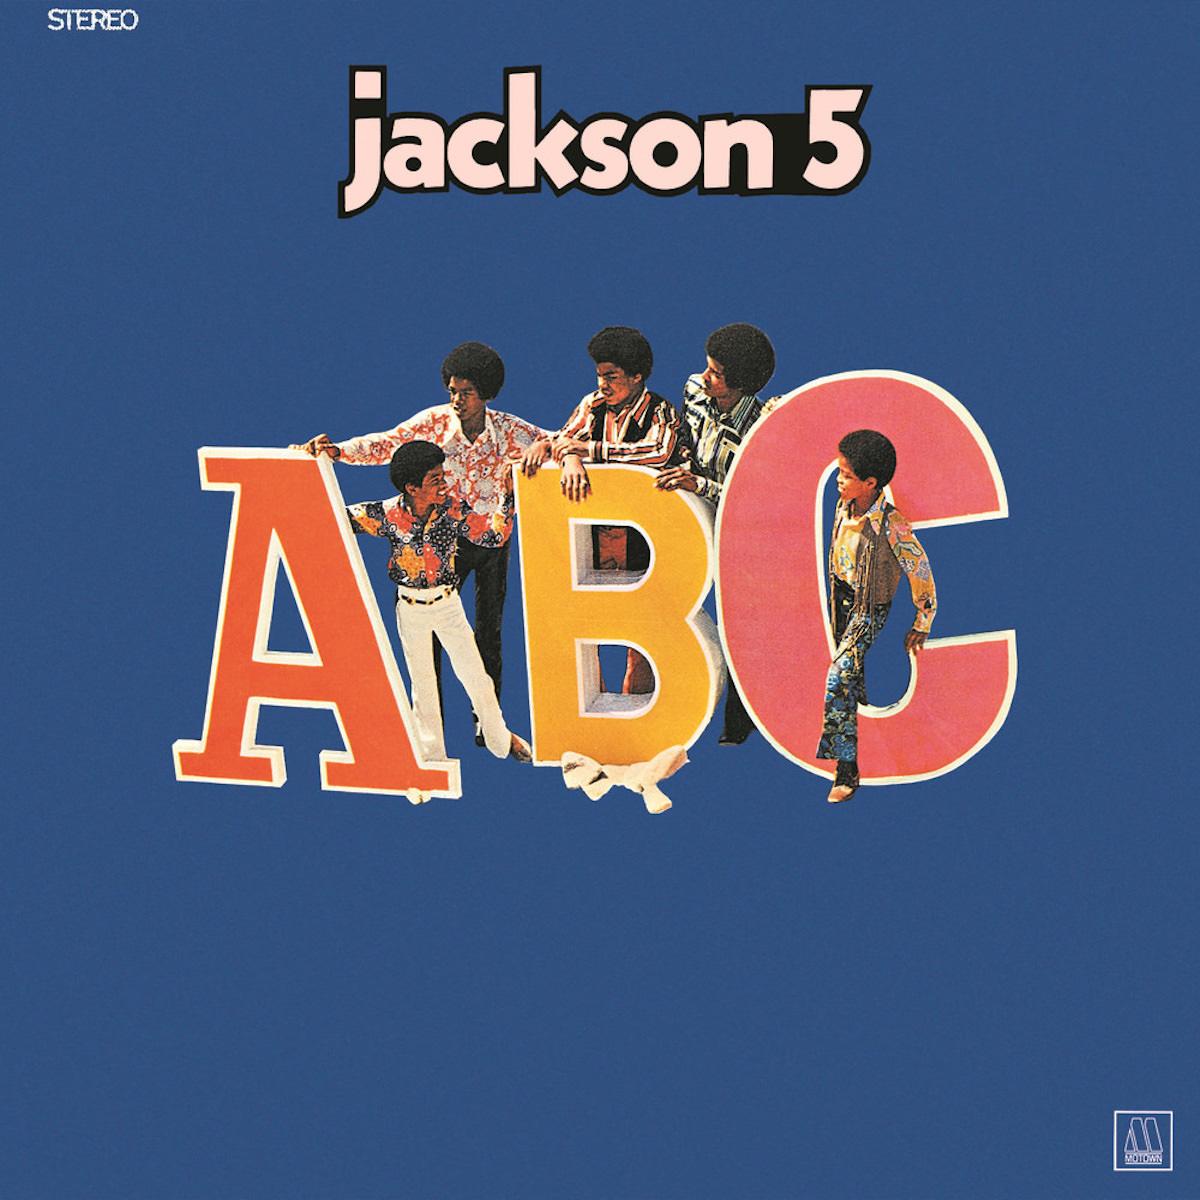 """jackson 5 album cover for """"ABC"""""""